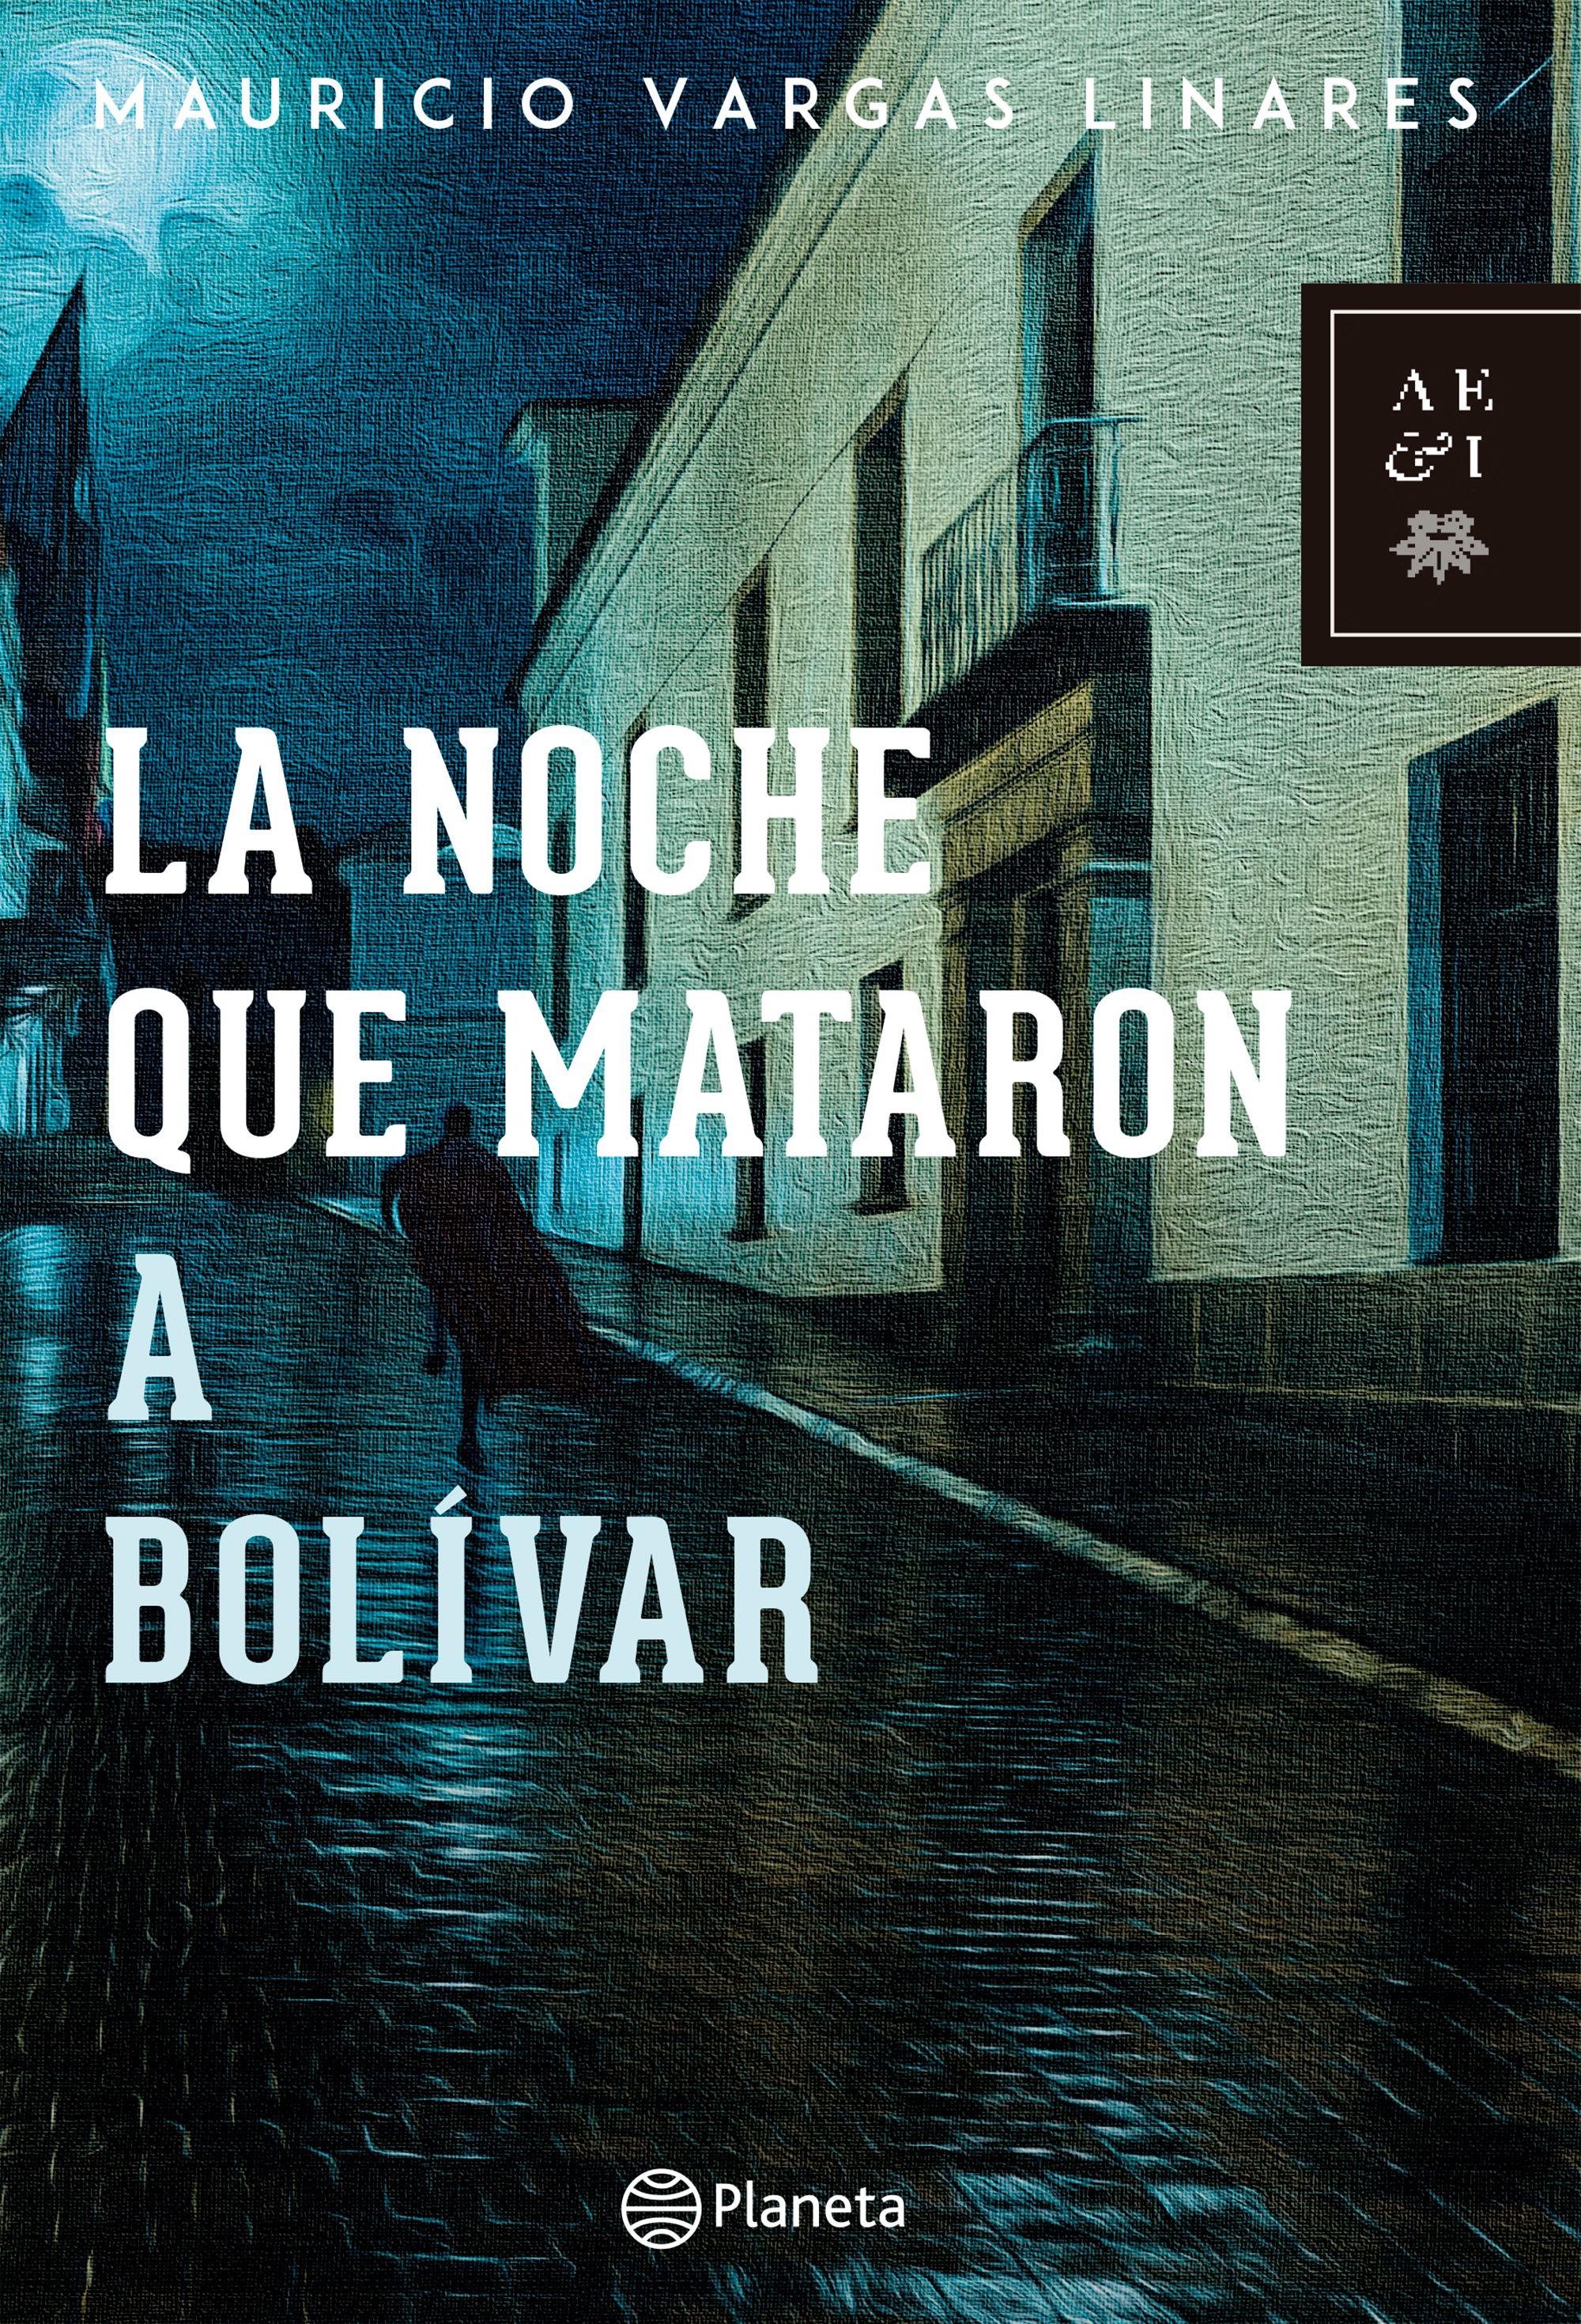 La Noche que Mataron a Bolívar - Mauricio Vargas Linares - Planeta